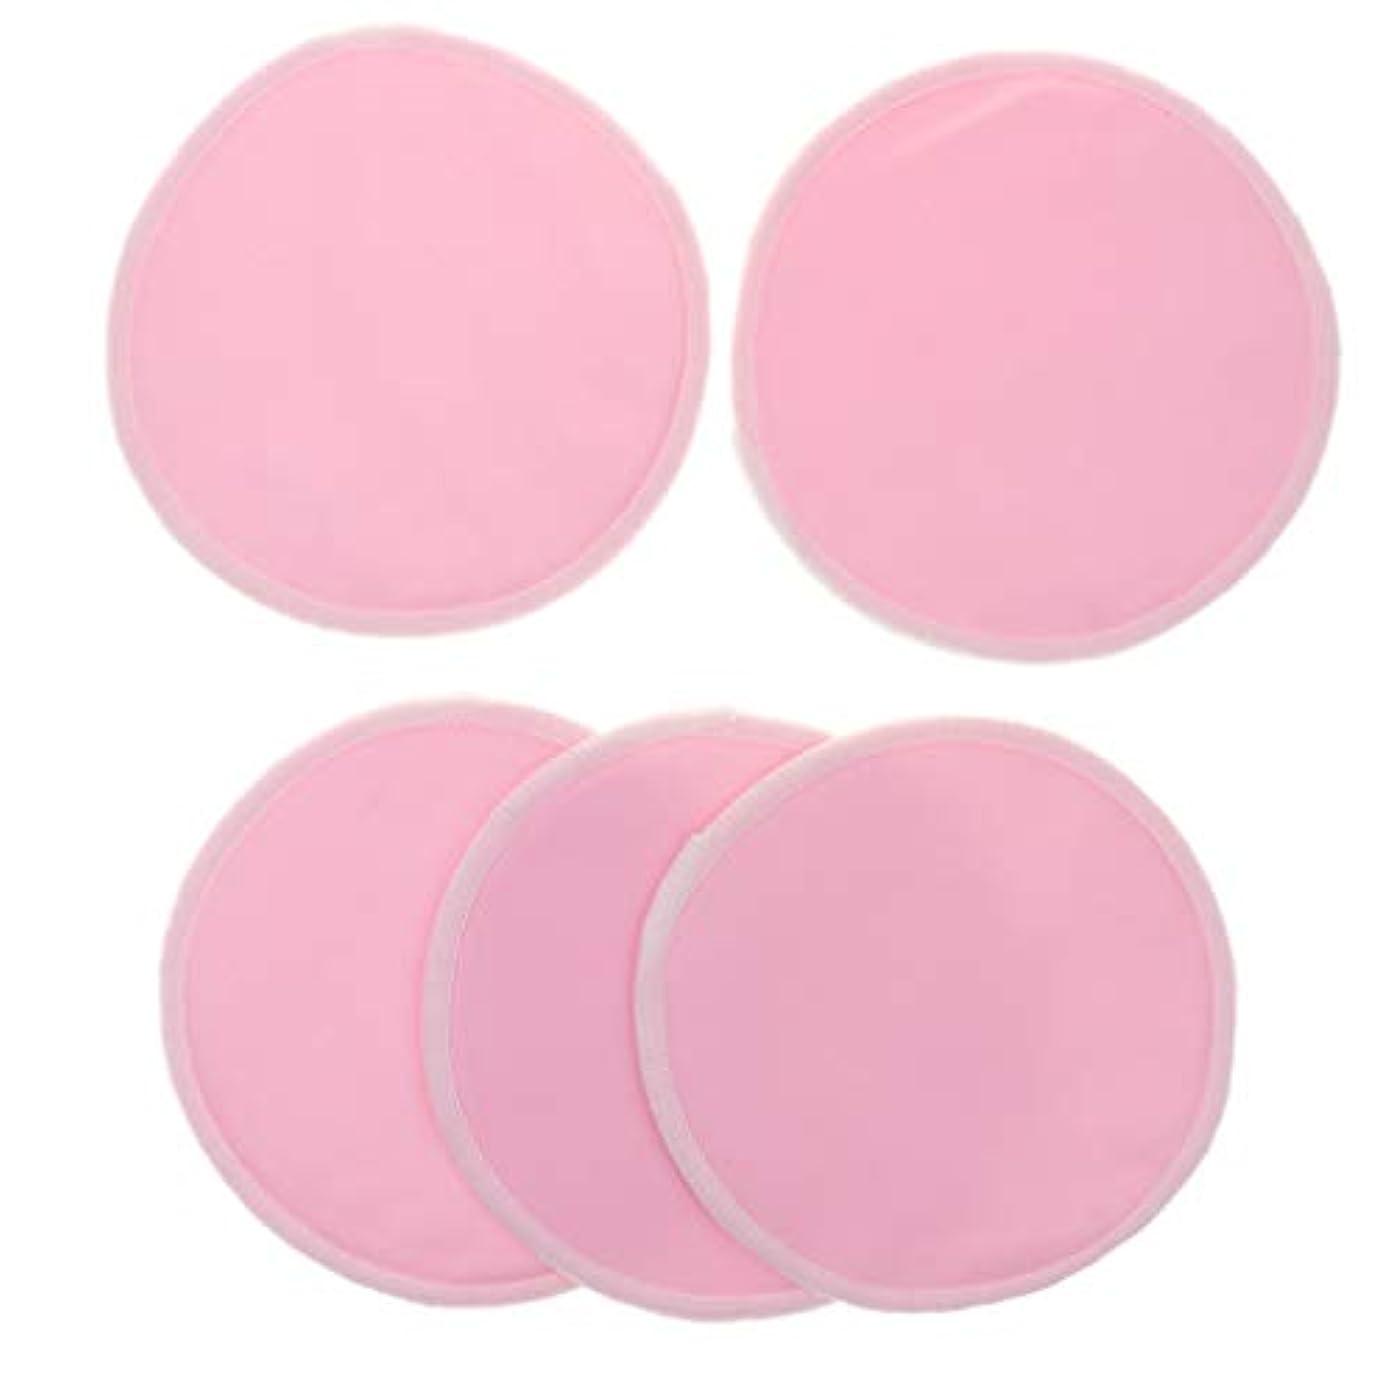 レプリカロードブロッキング不十分な12cm 胸パッド クレンジングシート 化粧水パッド 竹繊維 円形 洗える 通気性 5個 全5色 - ピンク